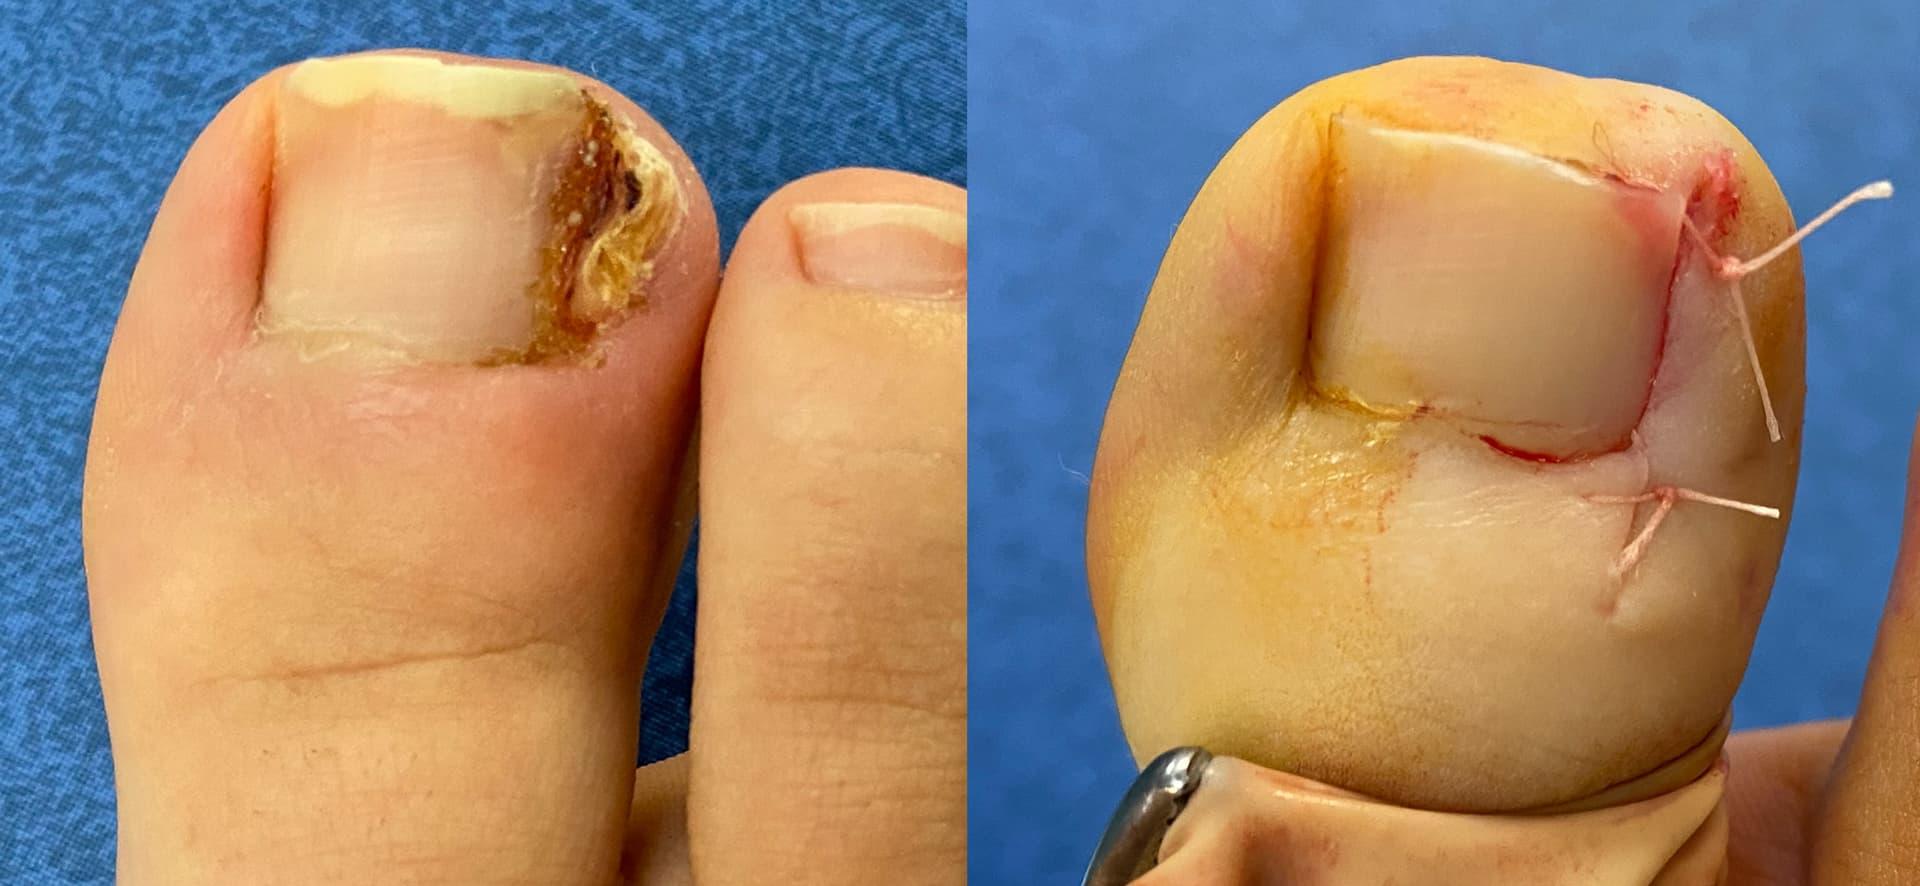 Résultat d'une chirurgie de l'ongle incarné